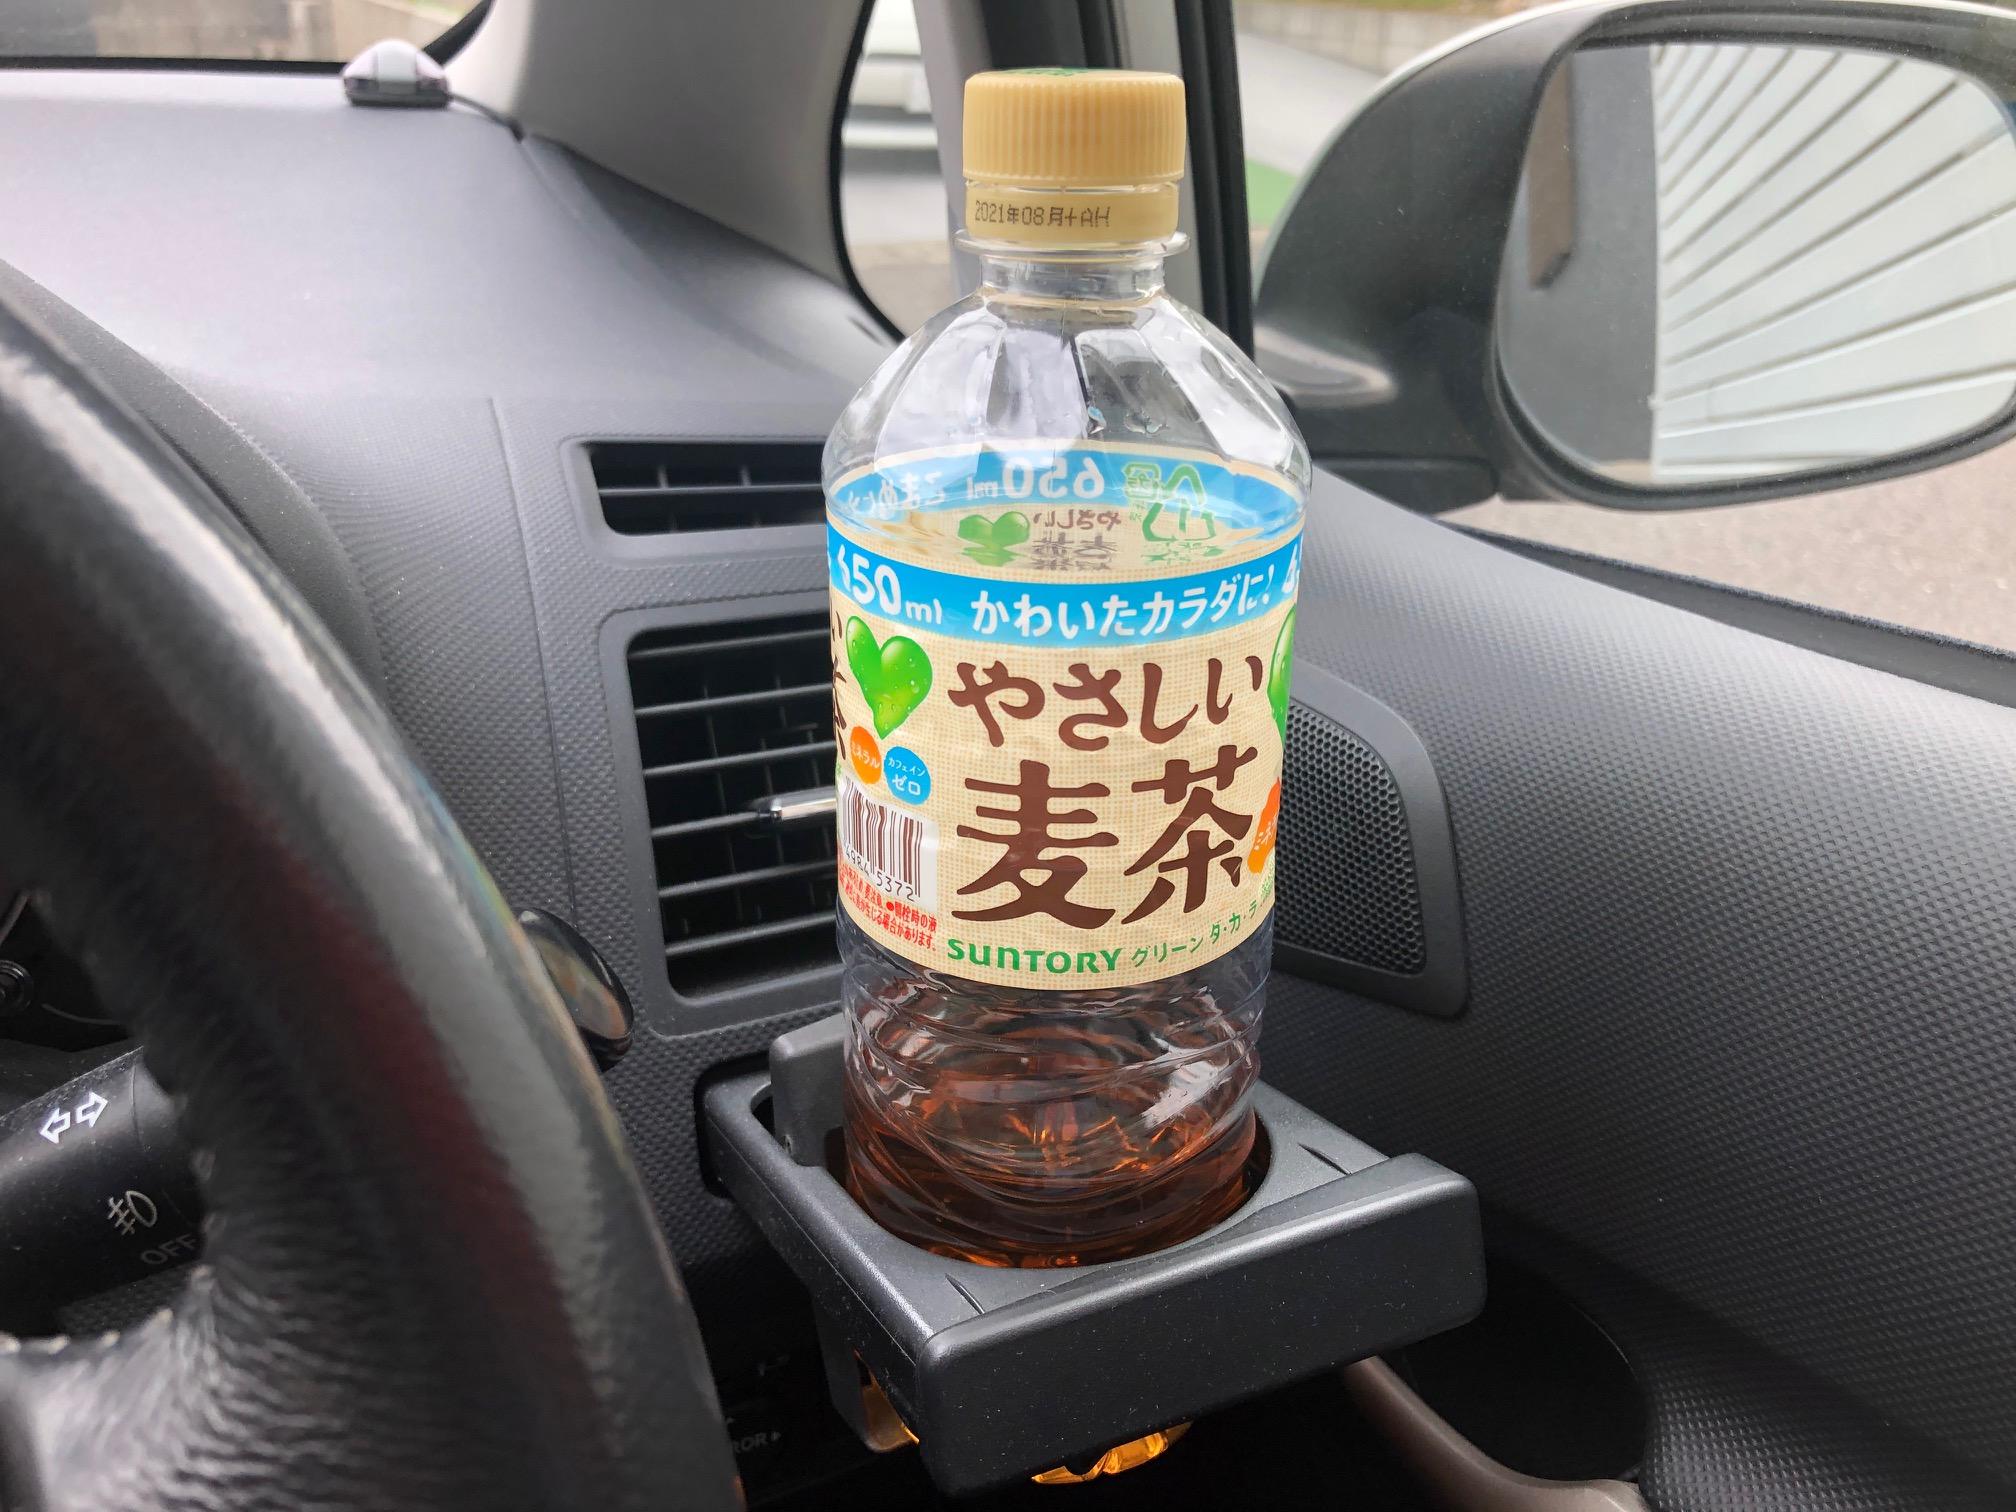 お茶 差し入れ 水分補給